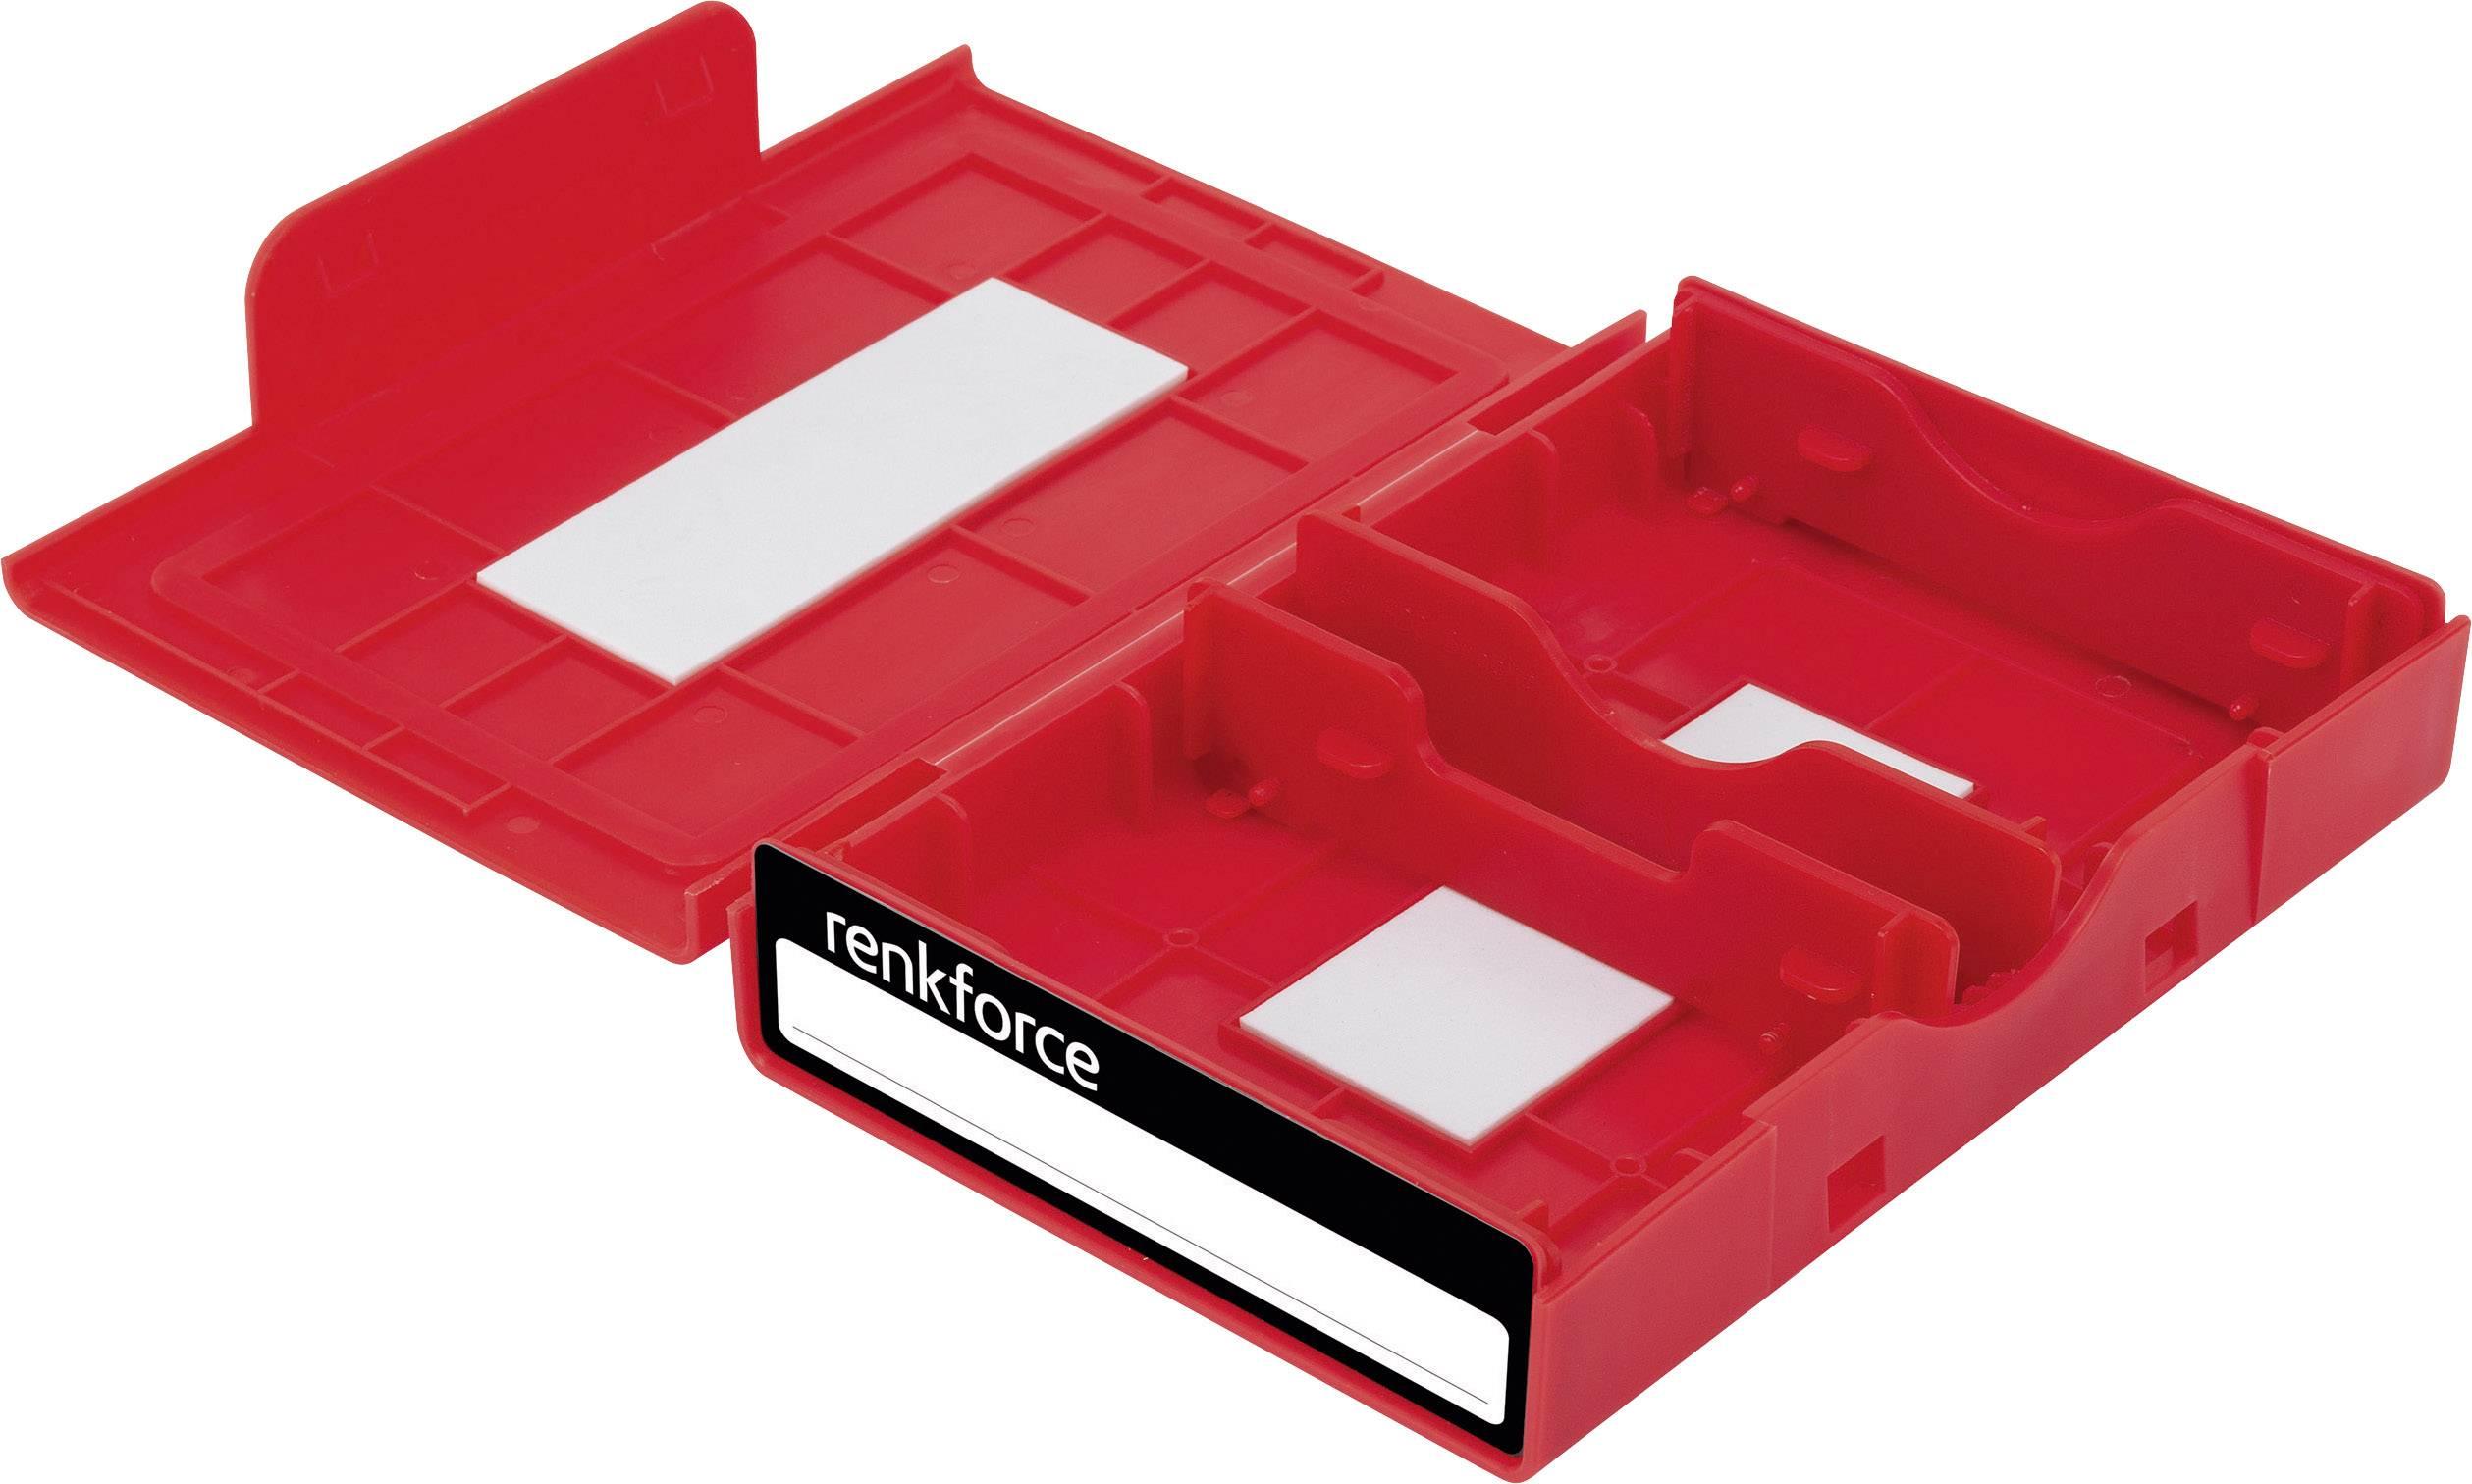 """Pouzdro na pevný disk Renkforce, HY-EB-8500, 3,5"""", červená"""